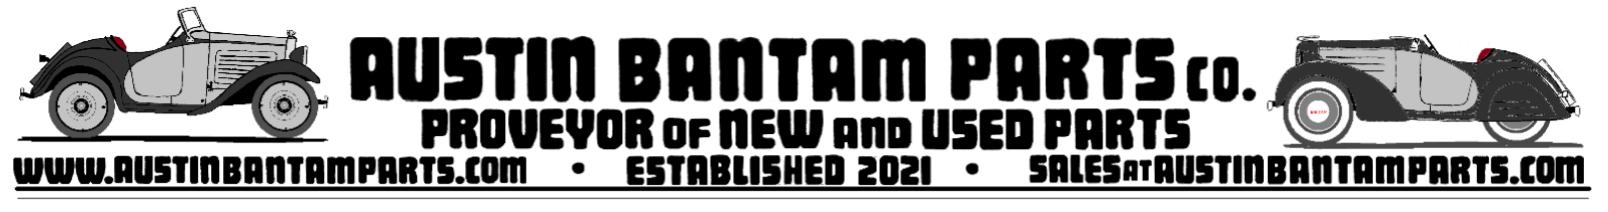 Austin Bantam Parts Co.